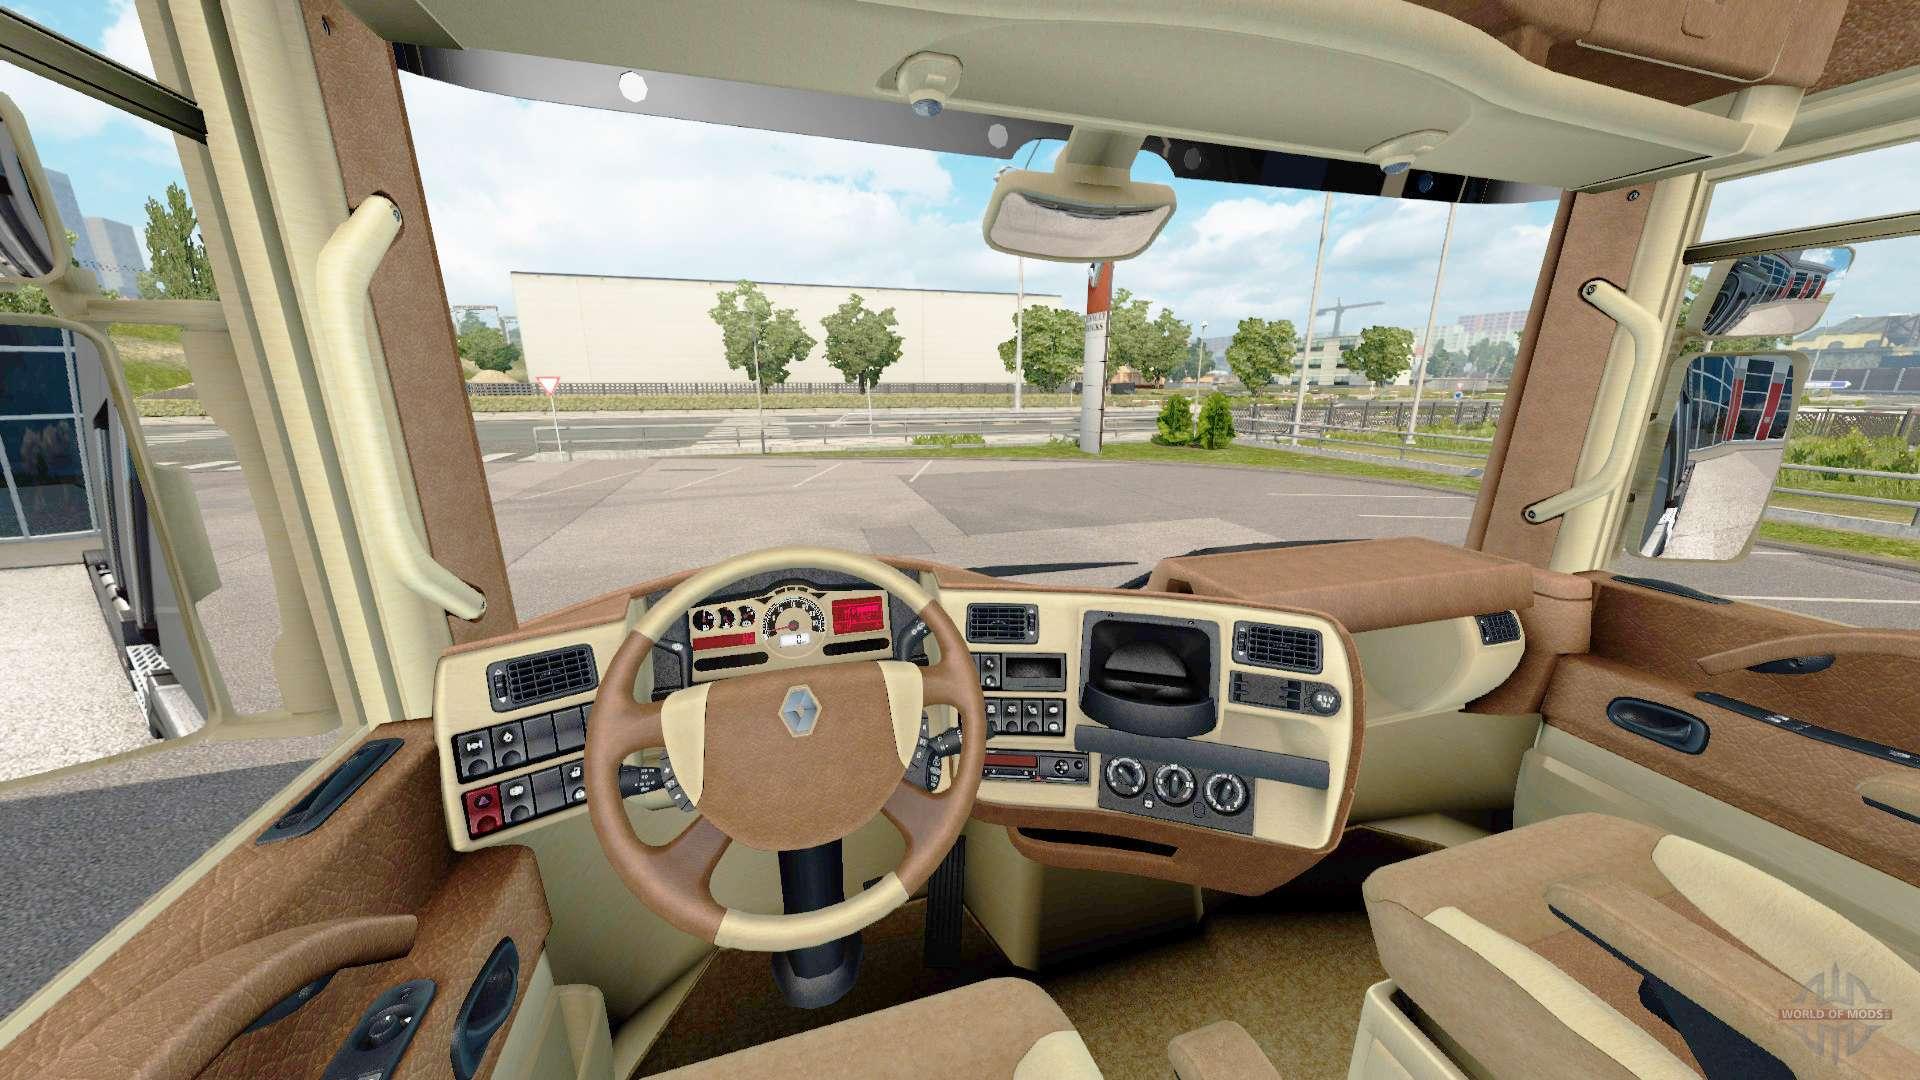 Les int rieurs de renault trucks pour euro truck simulator 2 for Renault gamme t interieur